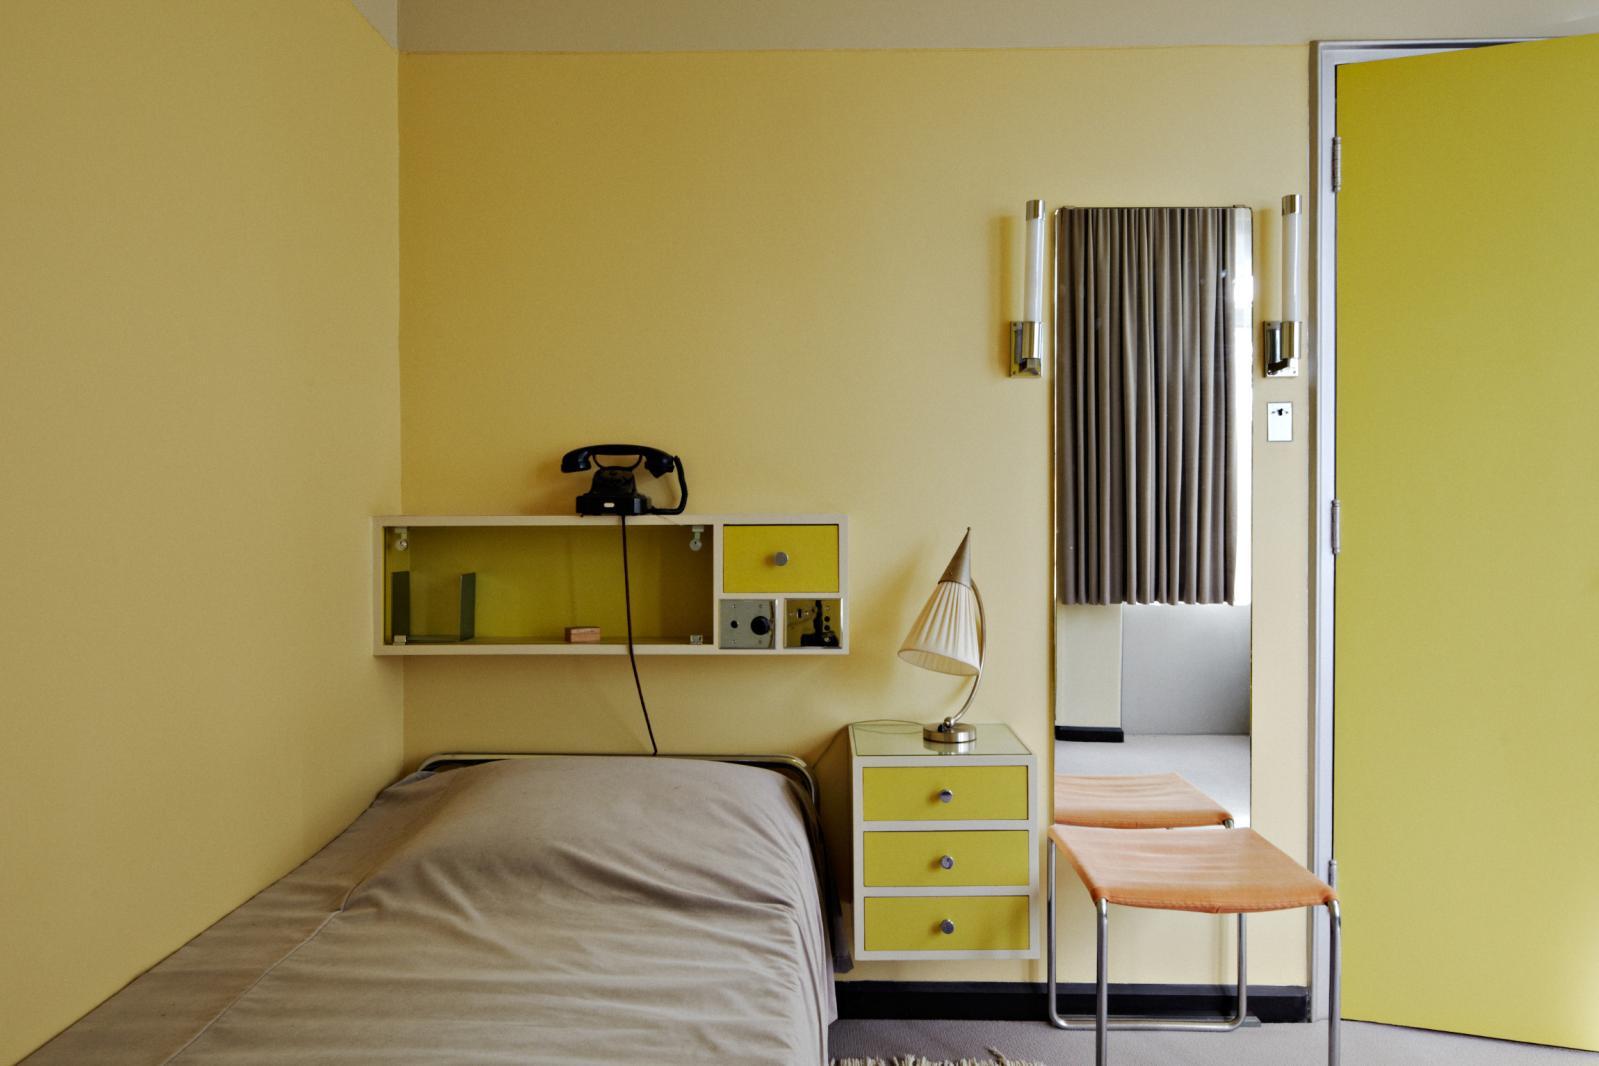 La chambre de la fille cadette.©Photo Johannes Schwartz